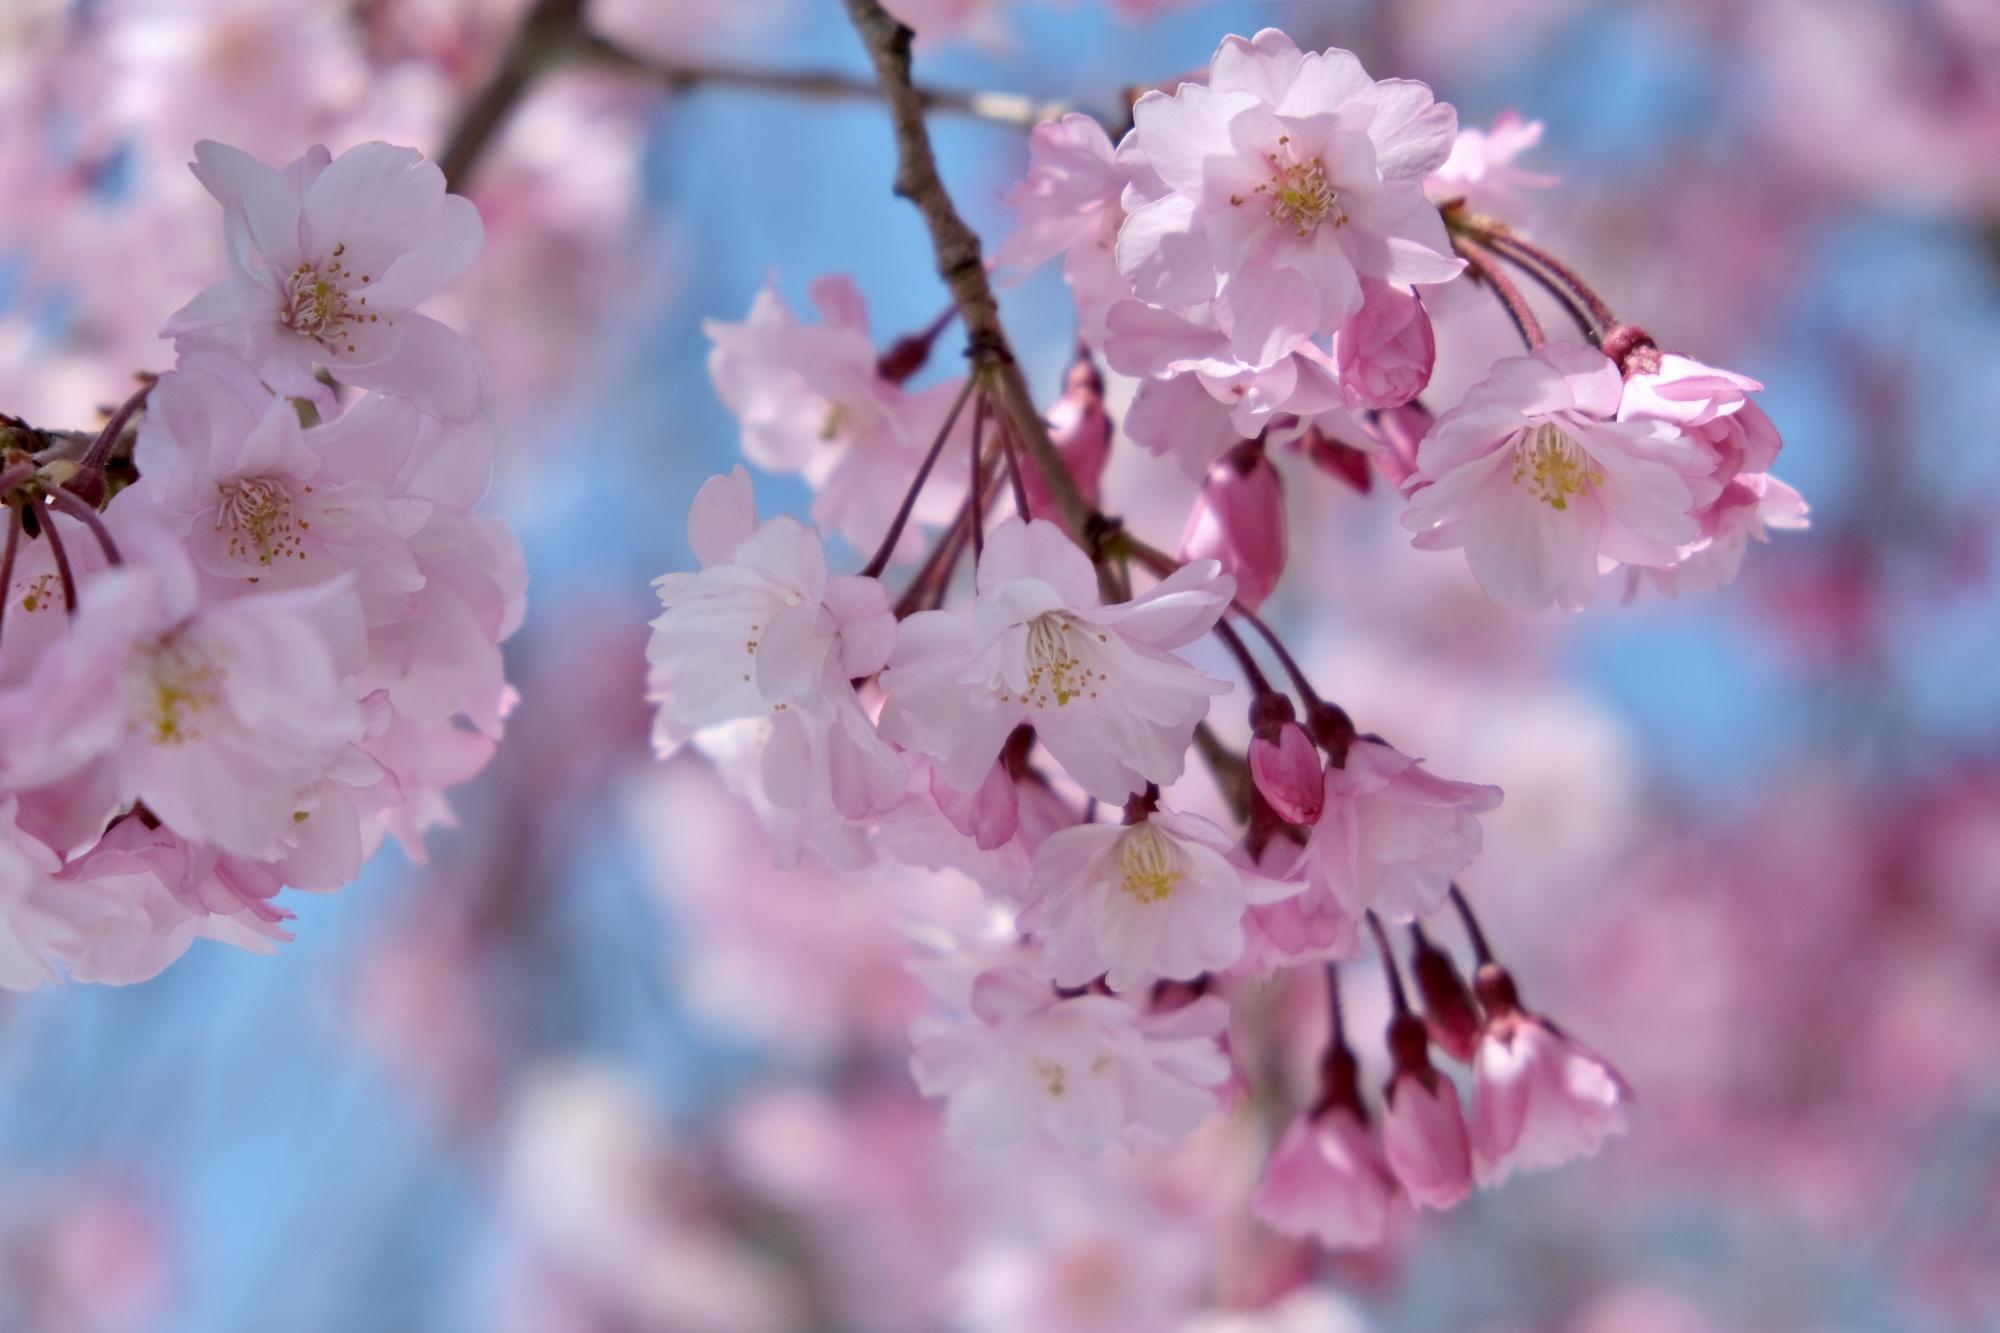 【まとめ】2021年 山形県の週末イベント情報 4月17日(土)・4月18日(日)